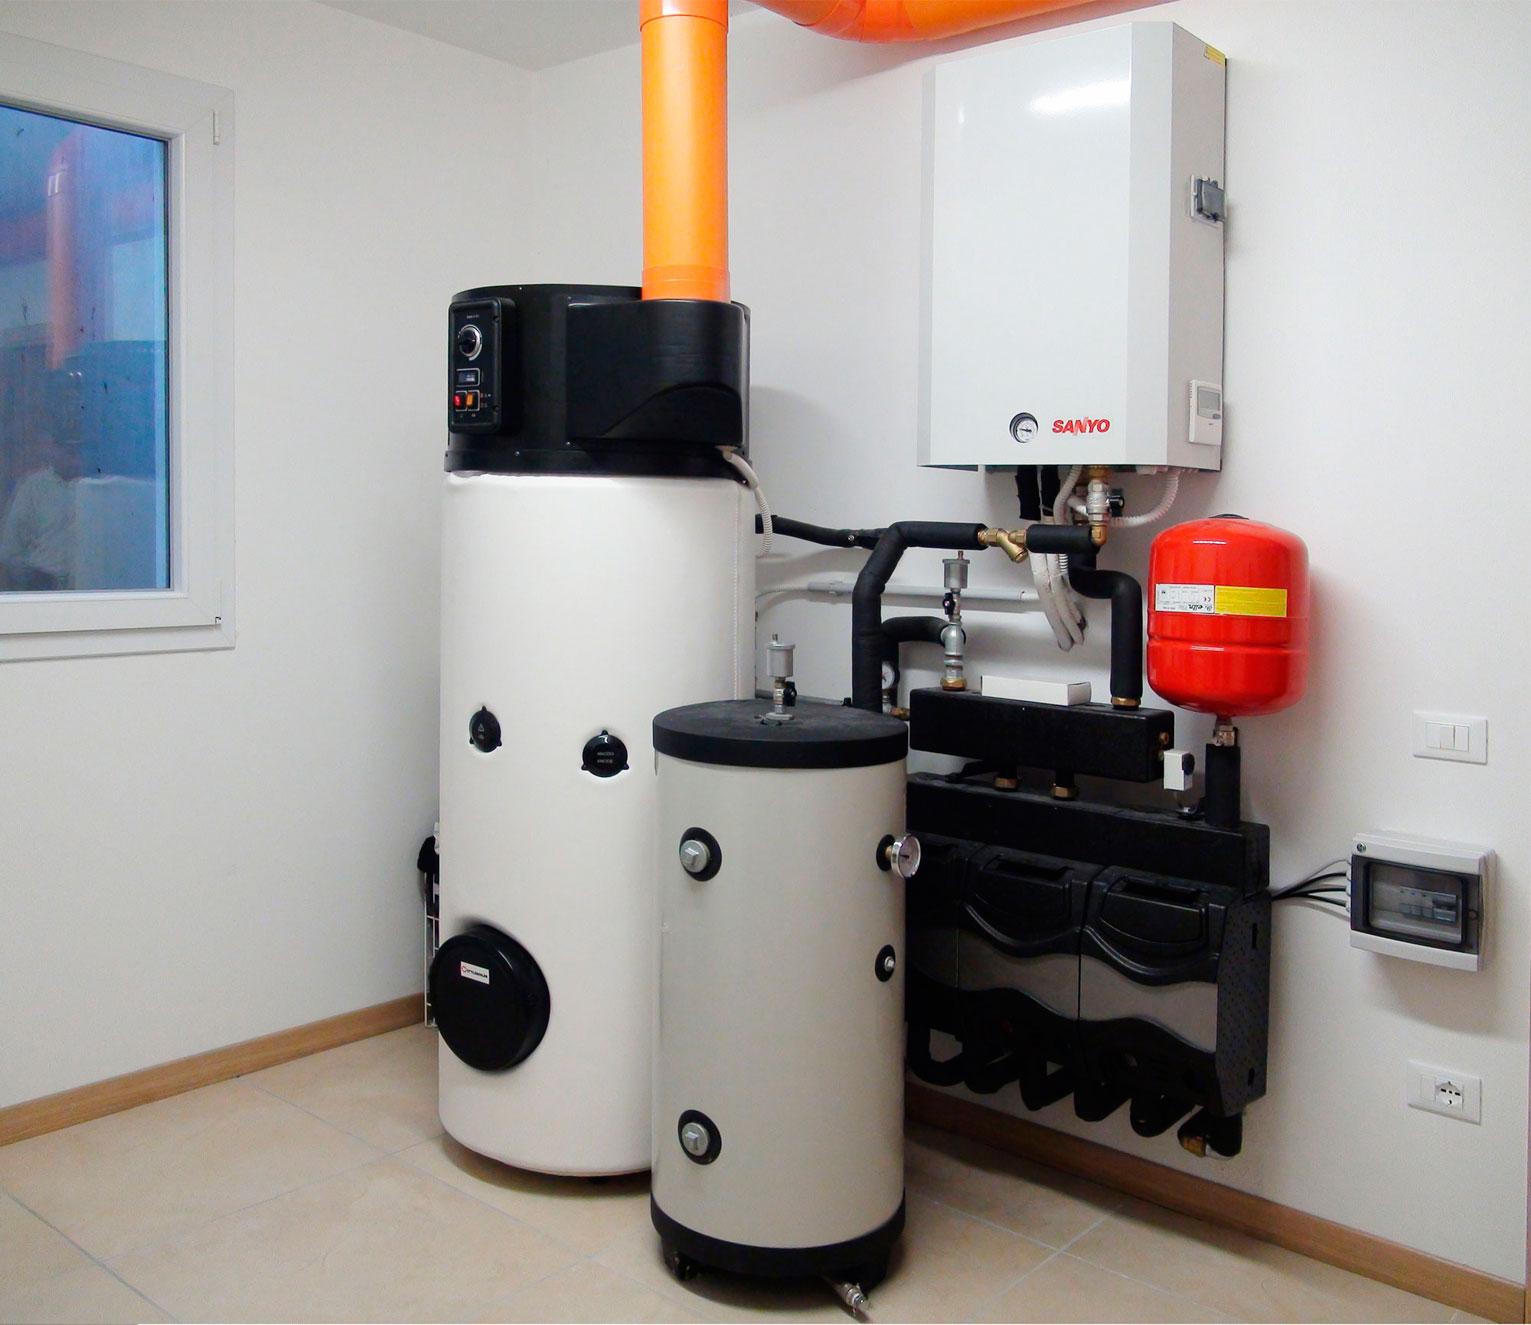 Pompa di calore incentivata con il conto termico predeion for Impianto di riscaldamento con pompa di calore